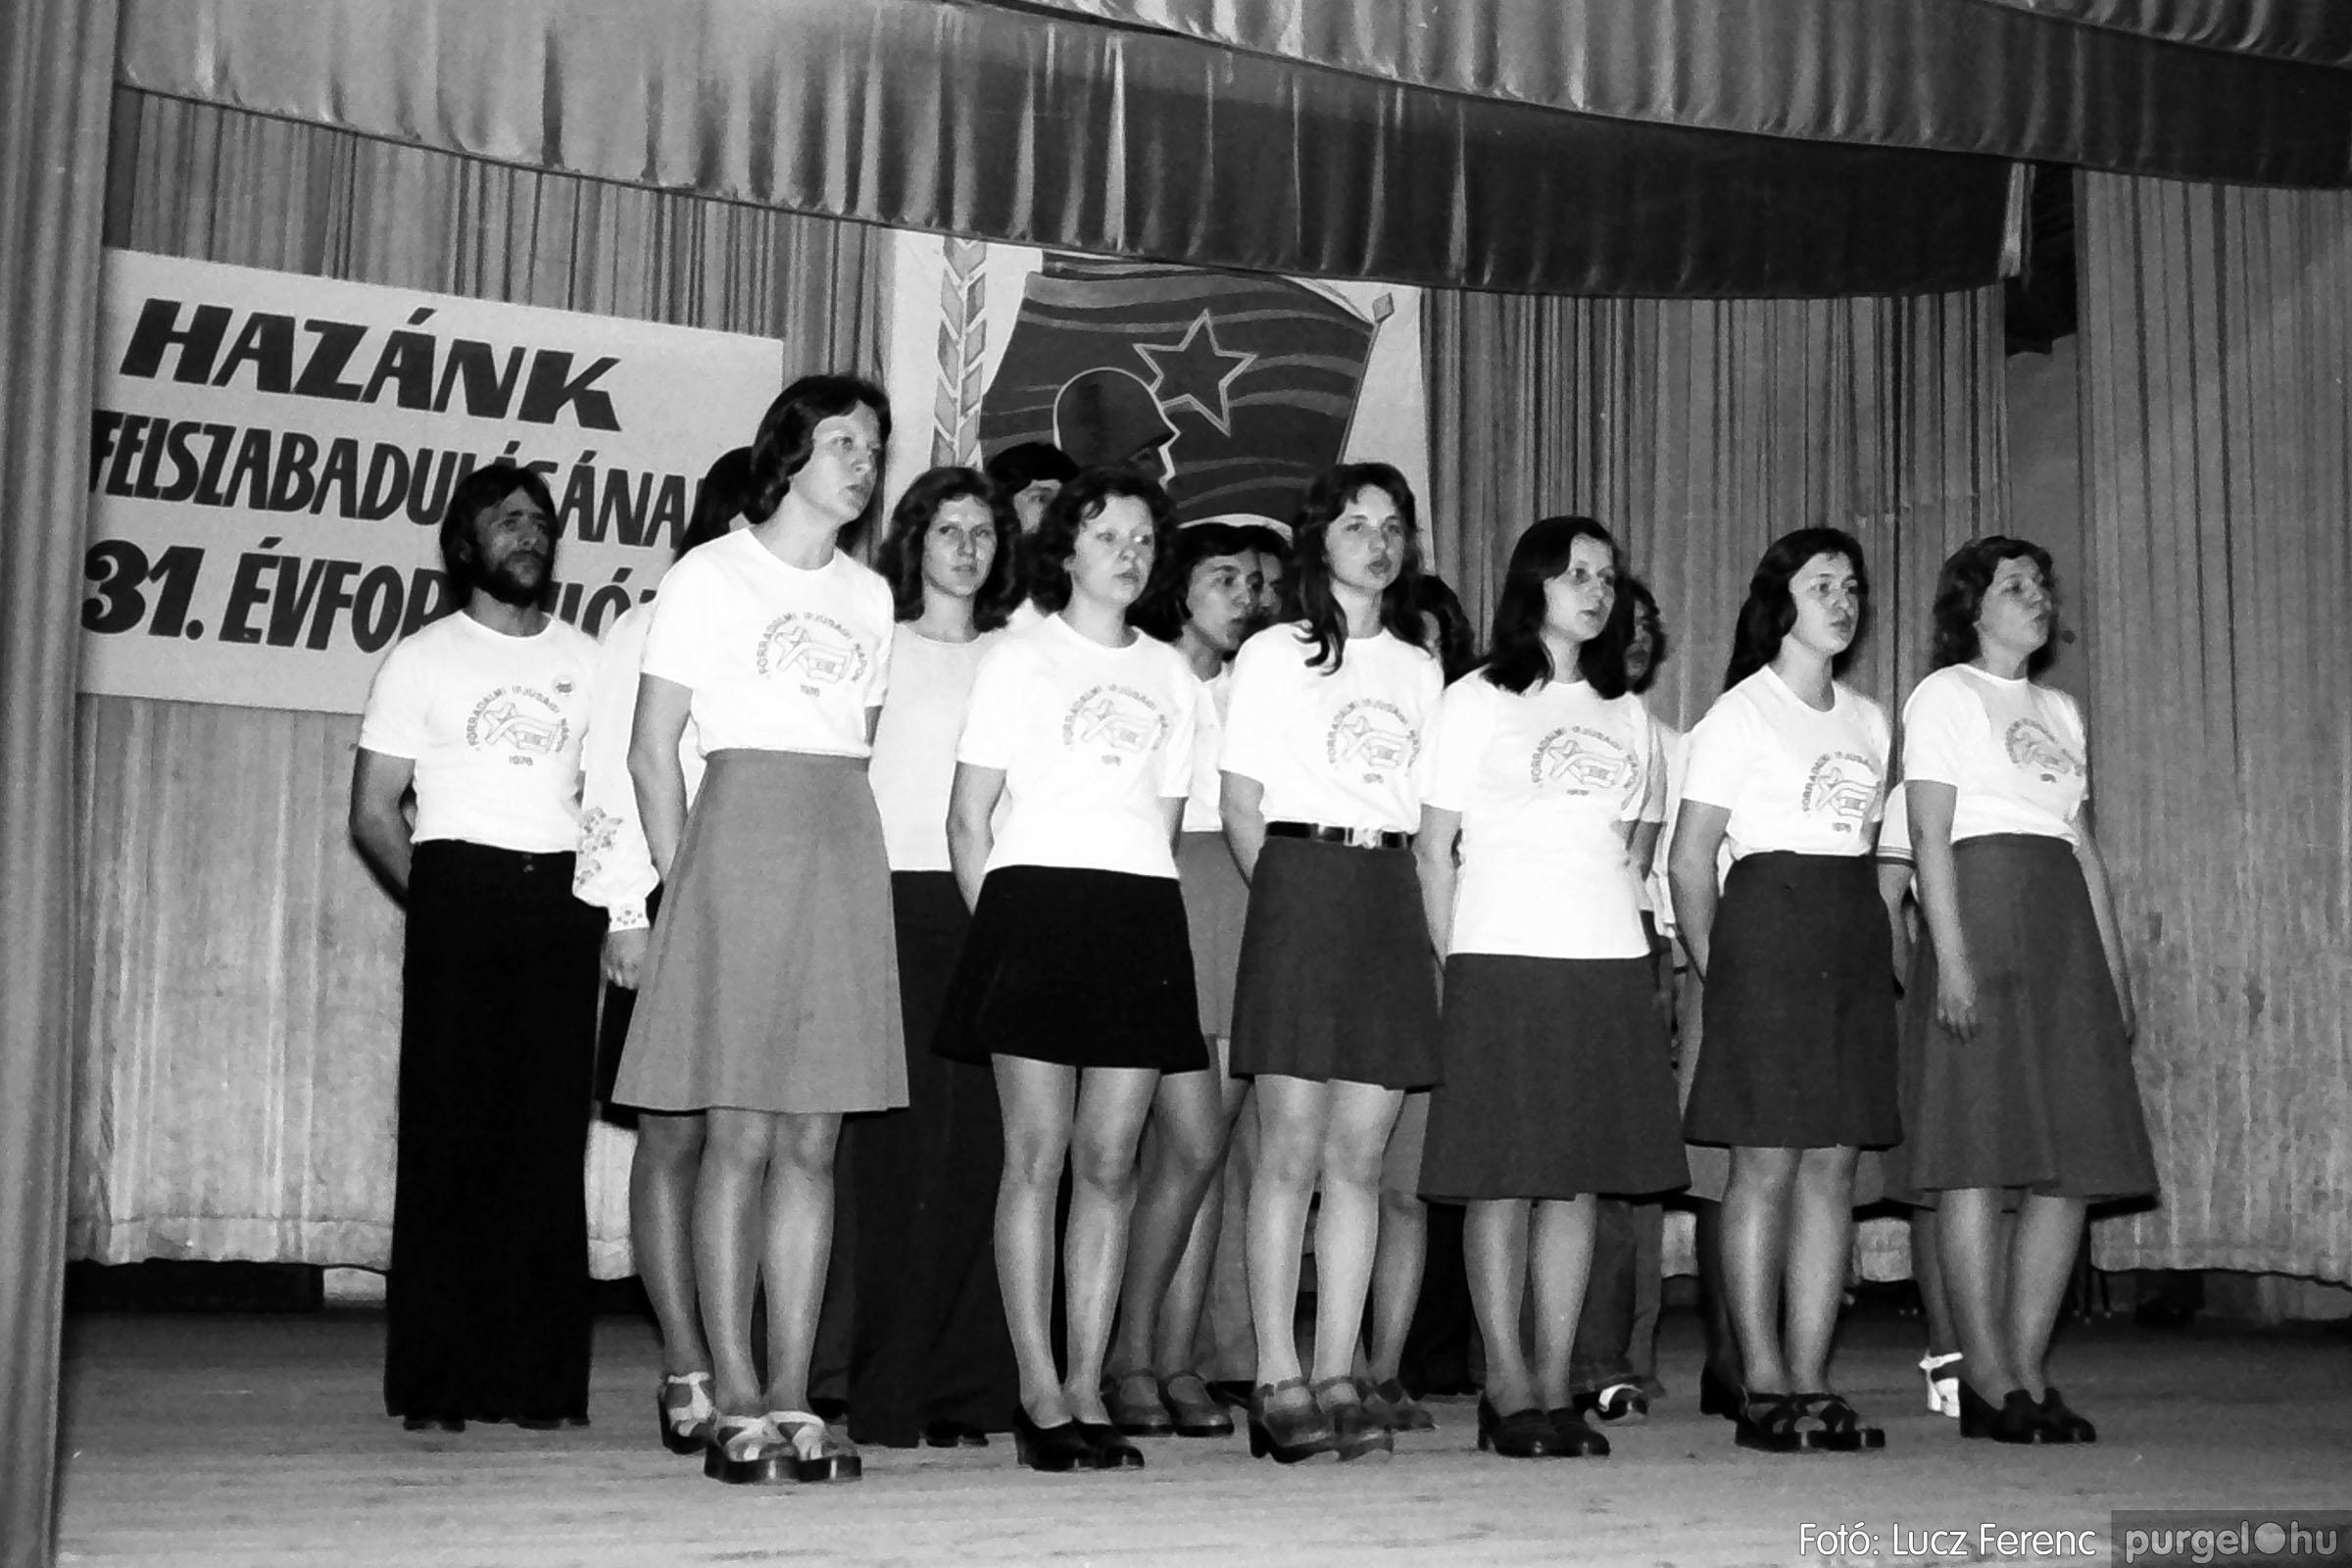 039. 1976.04.04. Április 4-i ünnepség a kultúrházban 022. - Fotó: Lucz Ferenc.jpg